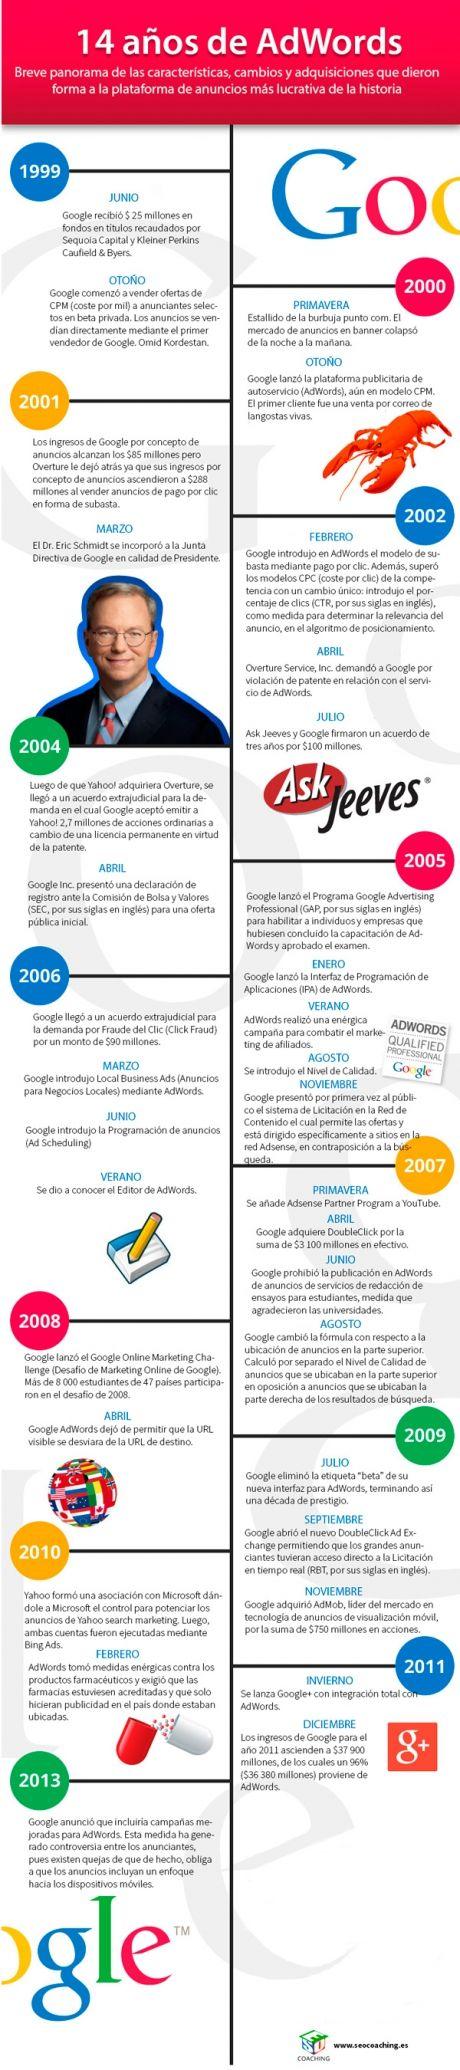 #GoogleAdWords se ha convertido en 14 años en un gigante que aporta la mayor parte de ingresos al buscador. #infografia